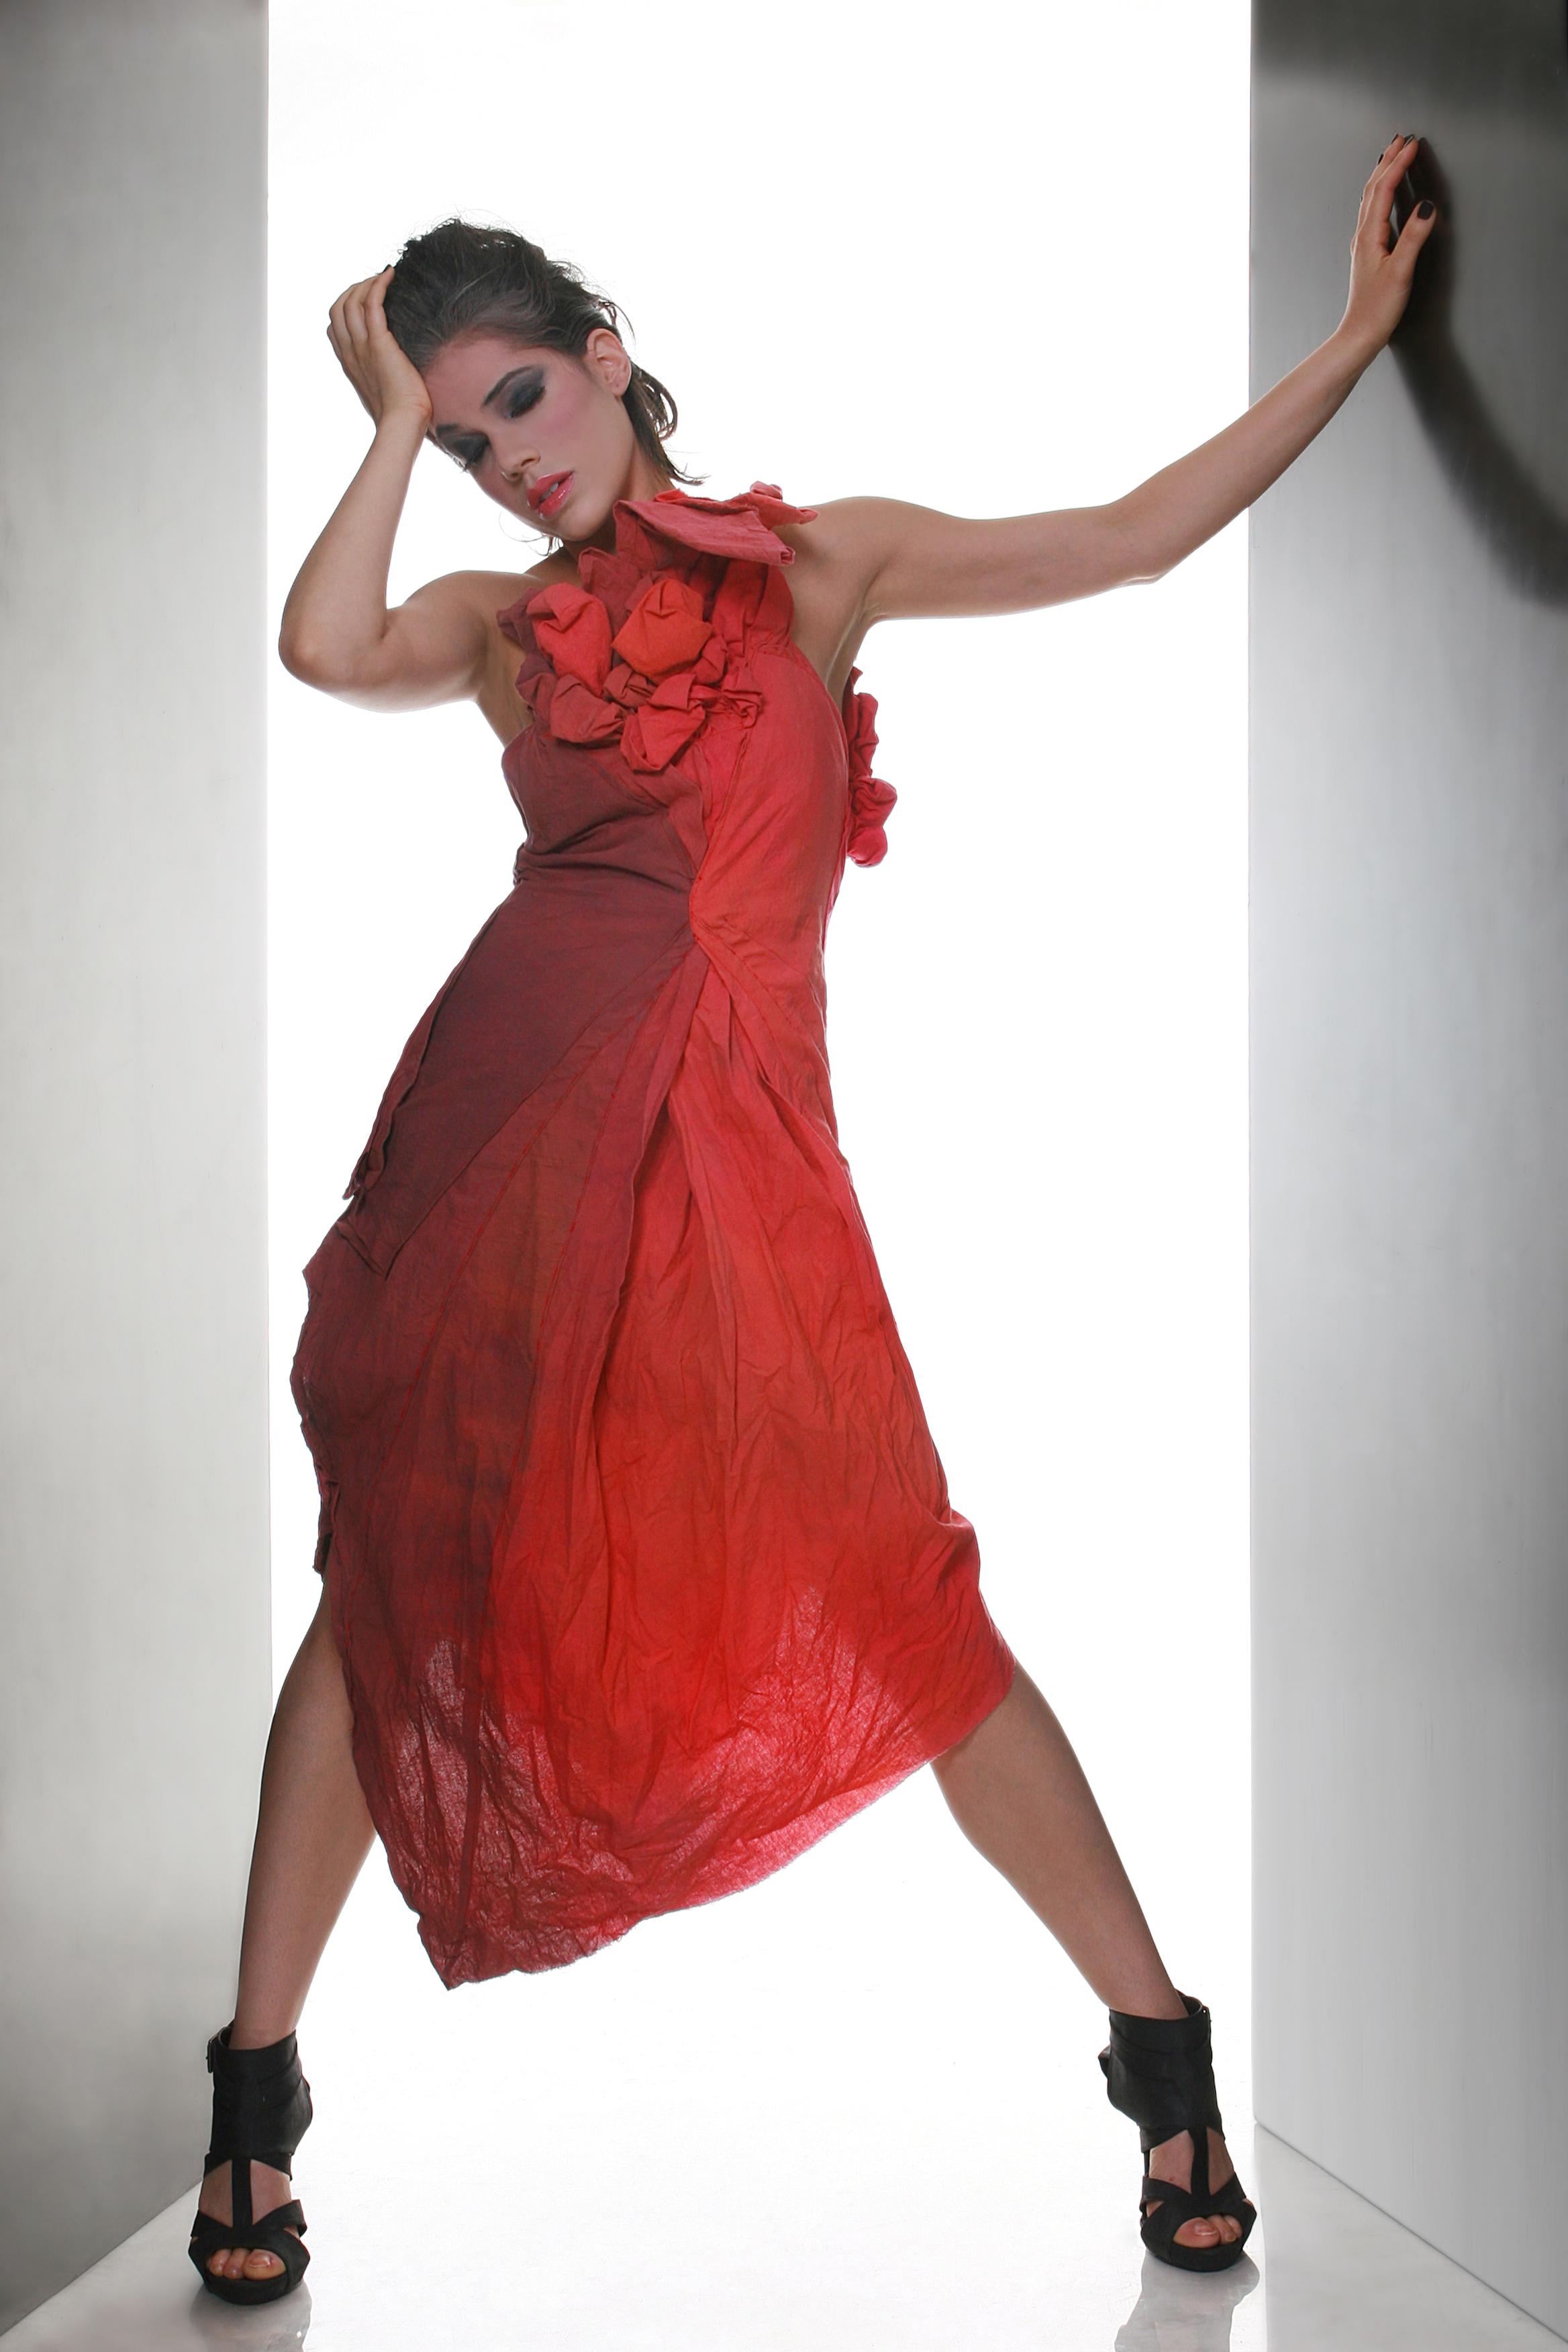 הפקת אופנה  דנה חנצינסקי